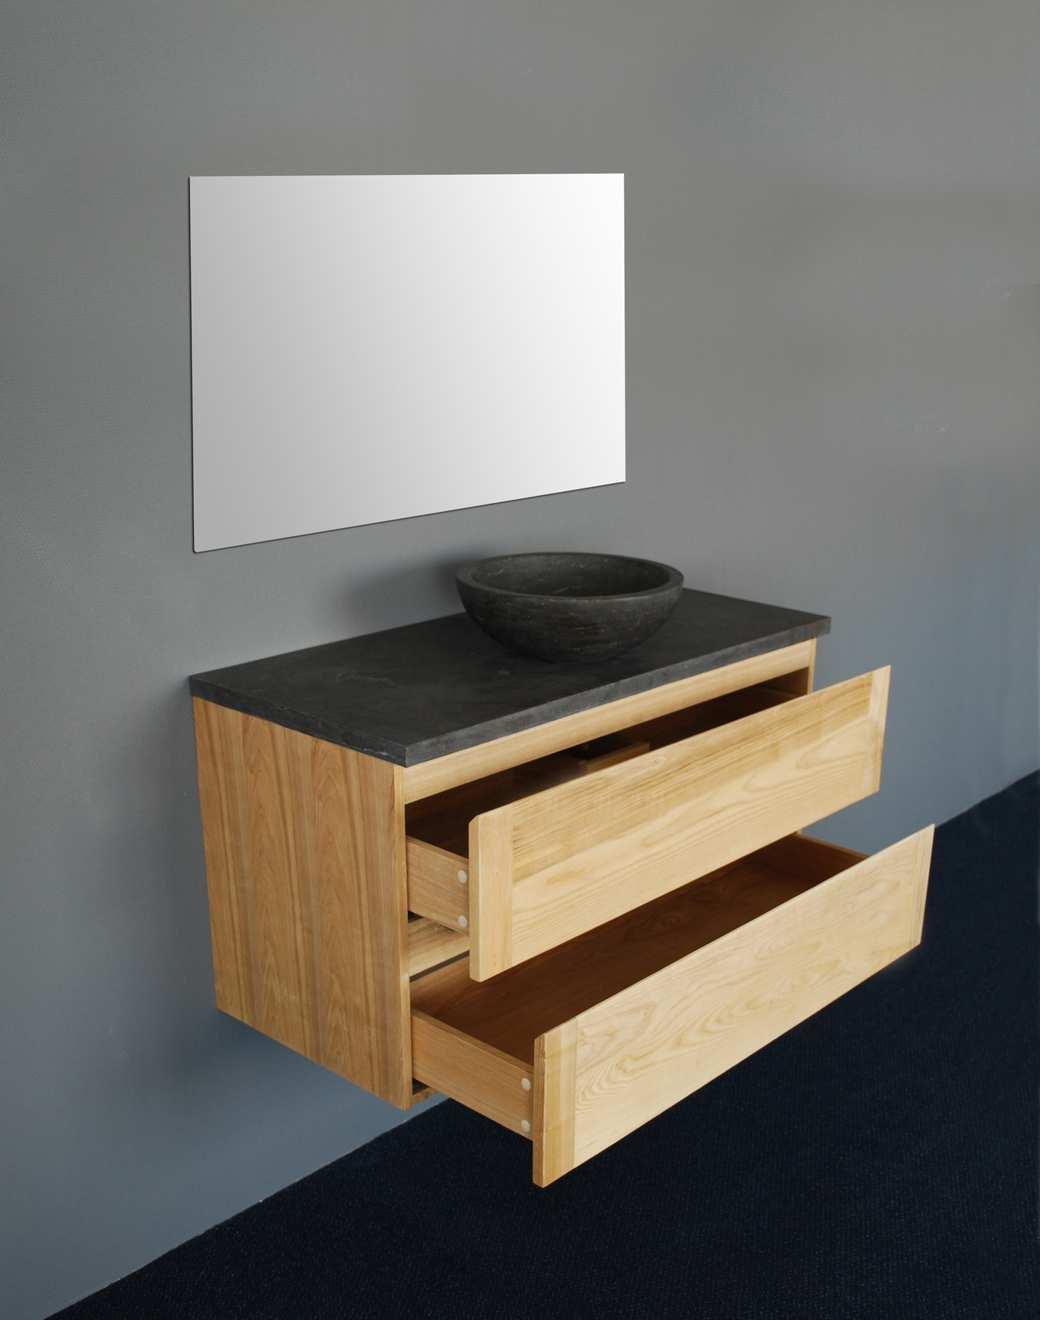 badmeubel wood dynasty 120cm massief teakhout. Black Bedroom Furniture Sets. Home Design Ideas